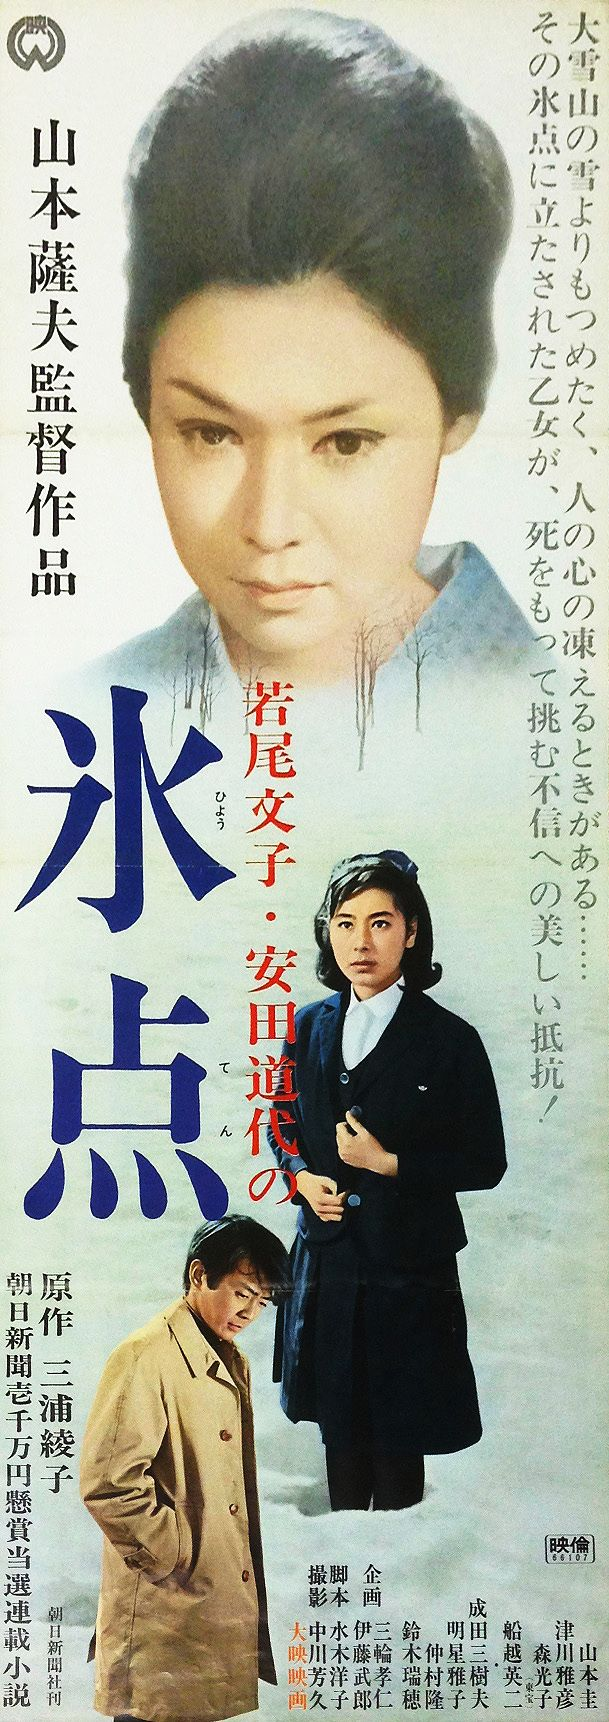 氷点 1966年 大映 監督山本薩夫 若尾文子 安田道代